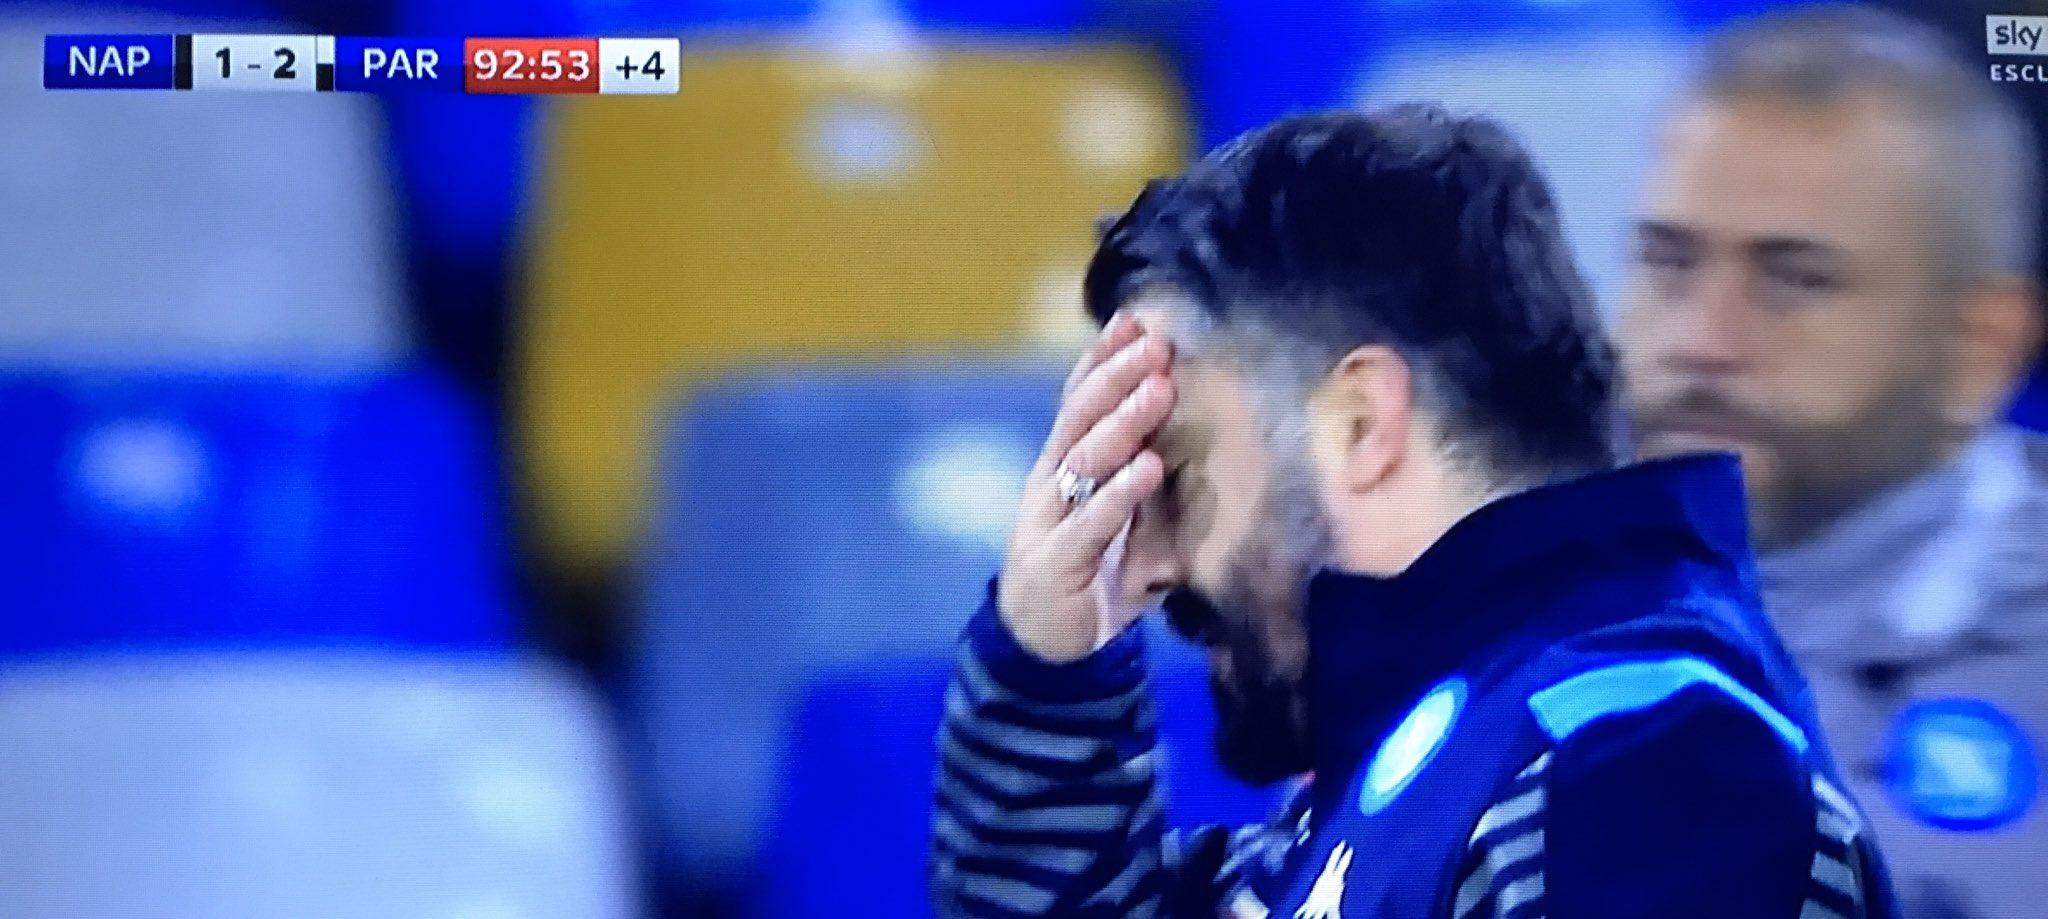 CorSport: le strategie di Gattuso per bloccare Messi. Obbligatorio guardarlo a vista